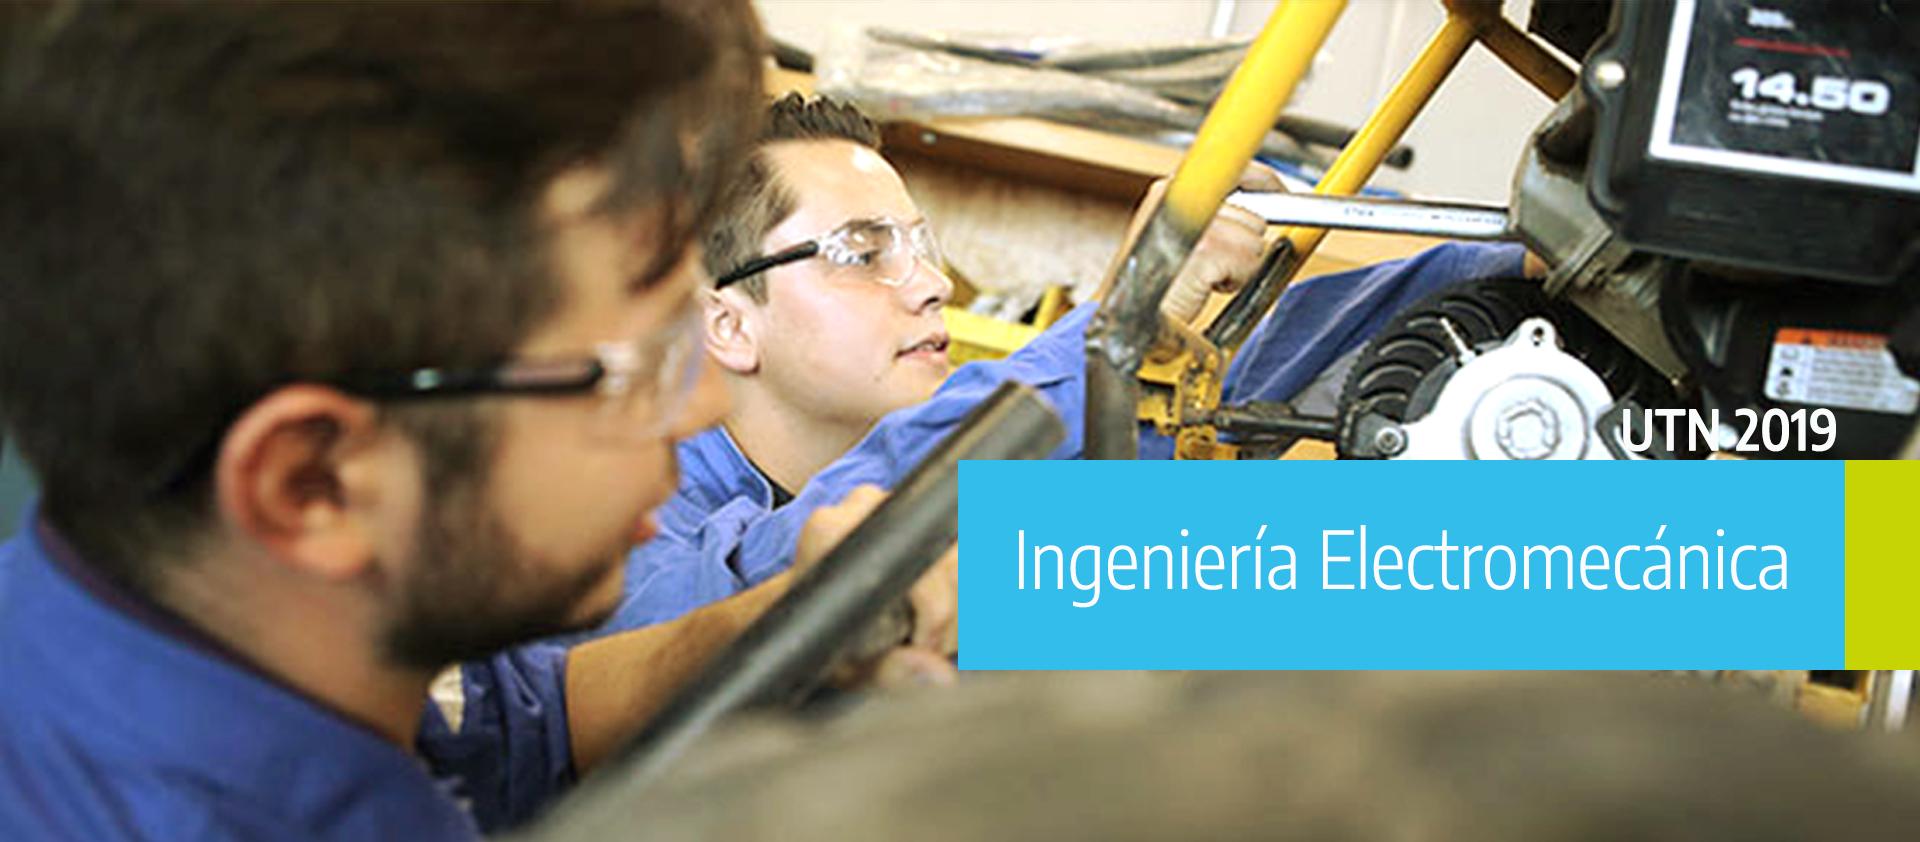 Inge Electromecánica